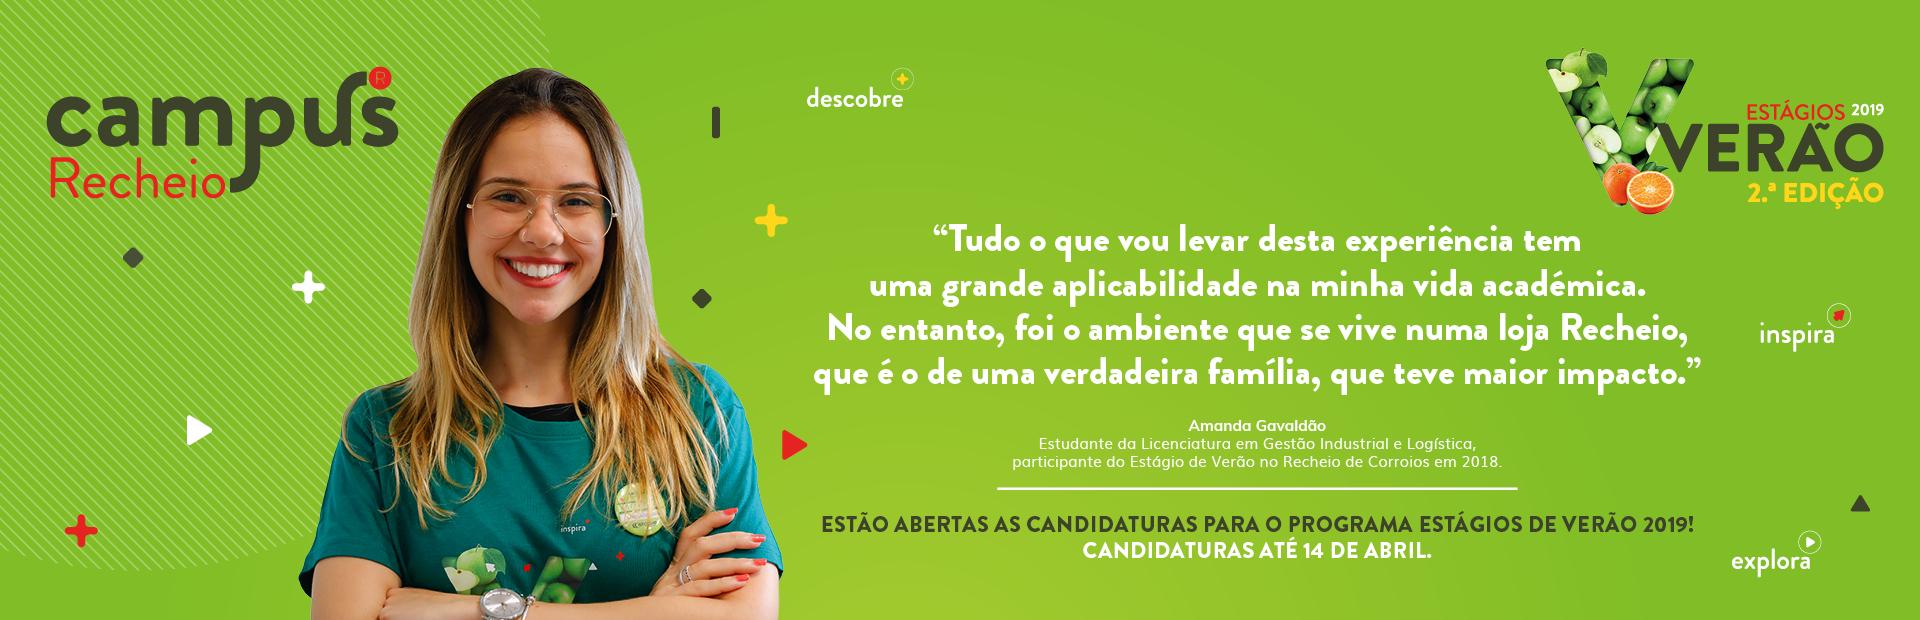 Recheio_campus_verao_Site_1920x620px_amanda